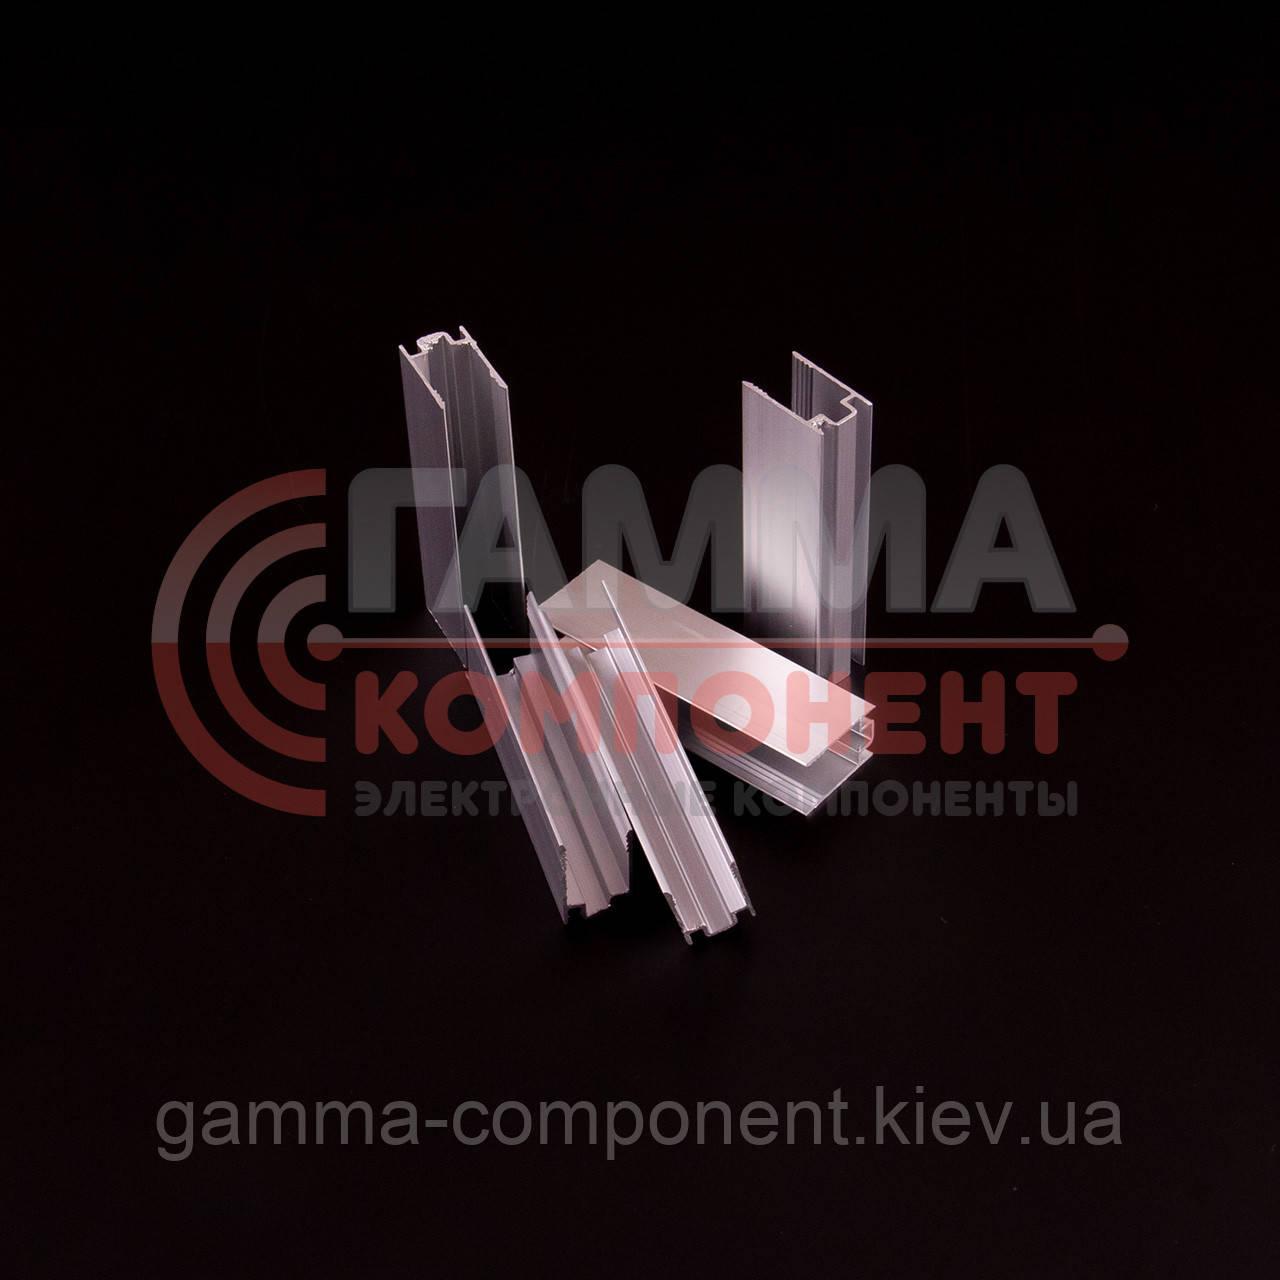 Профиль алюминиевый (крепеж) для светодиодного неона 220В, 5 см